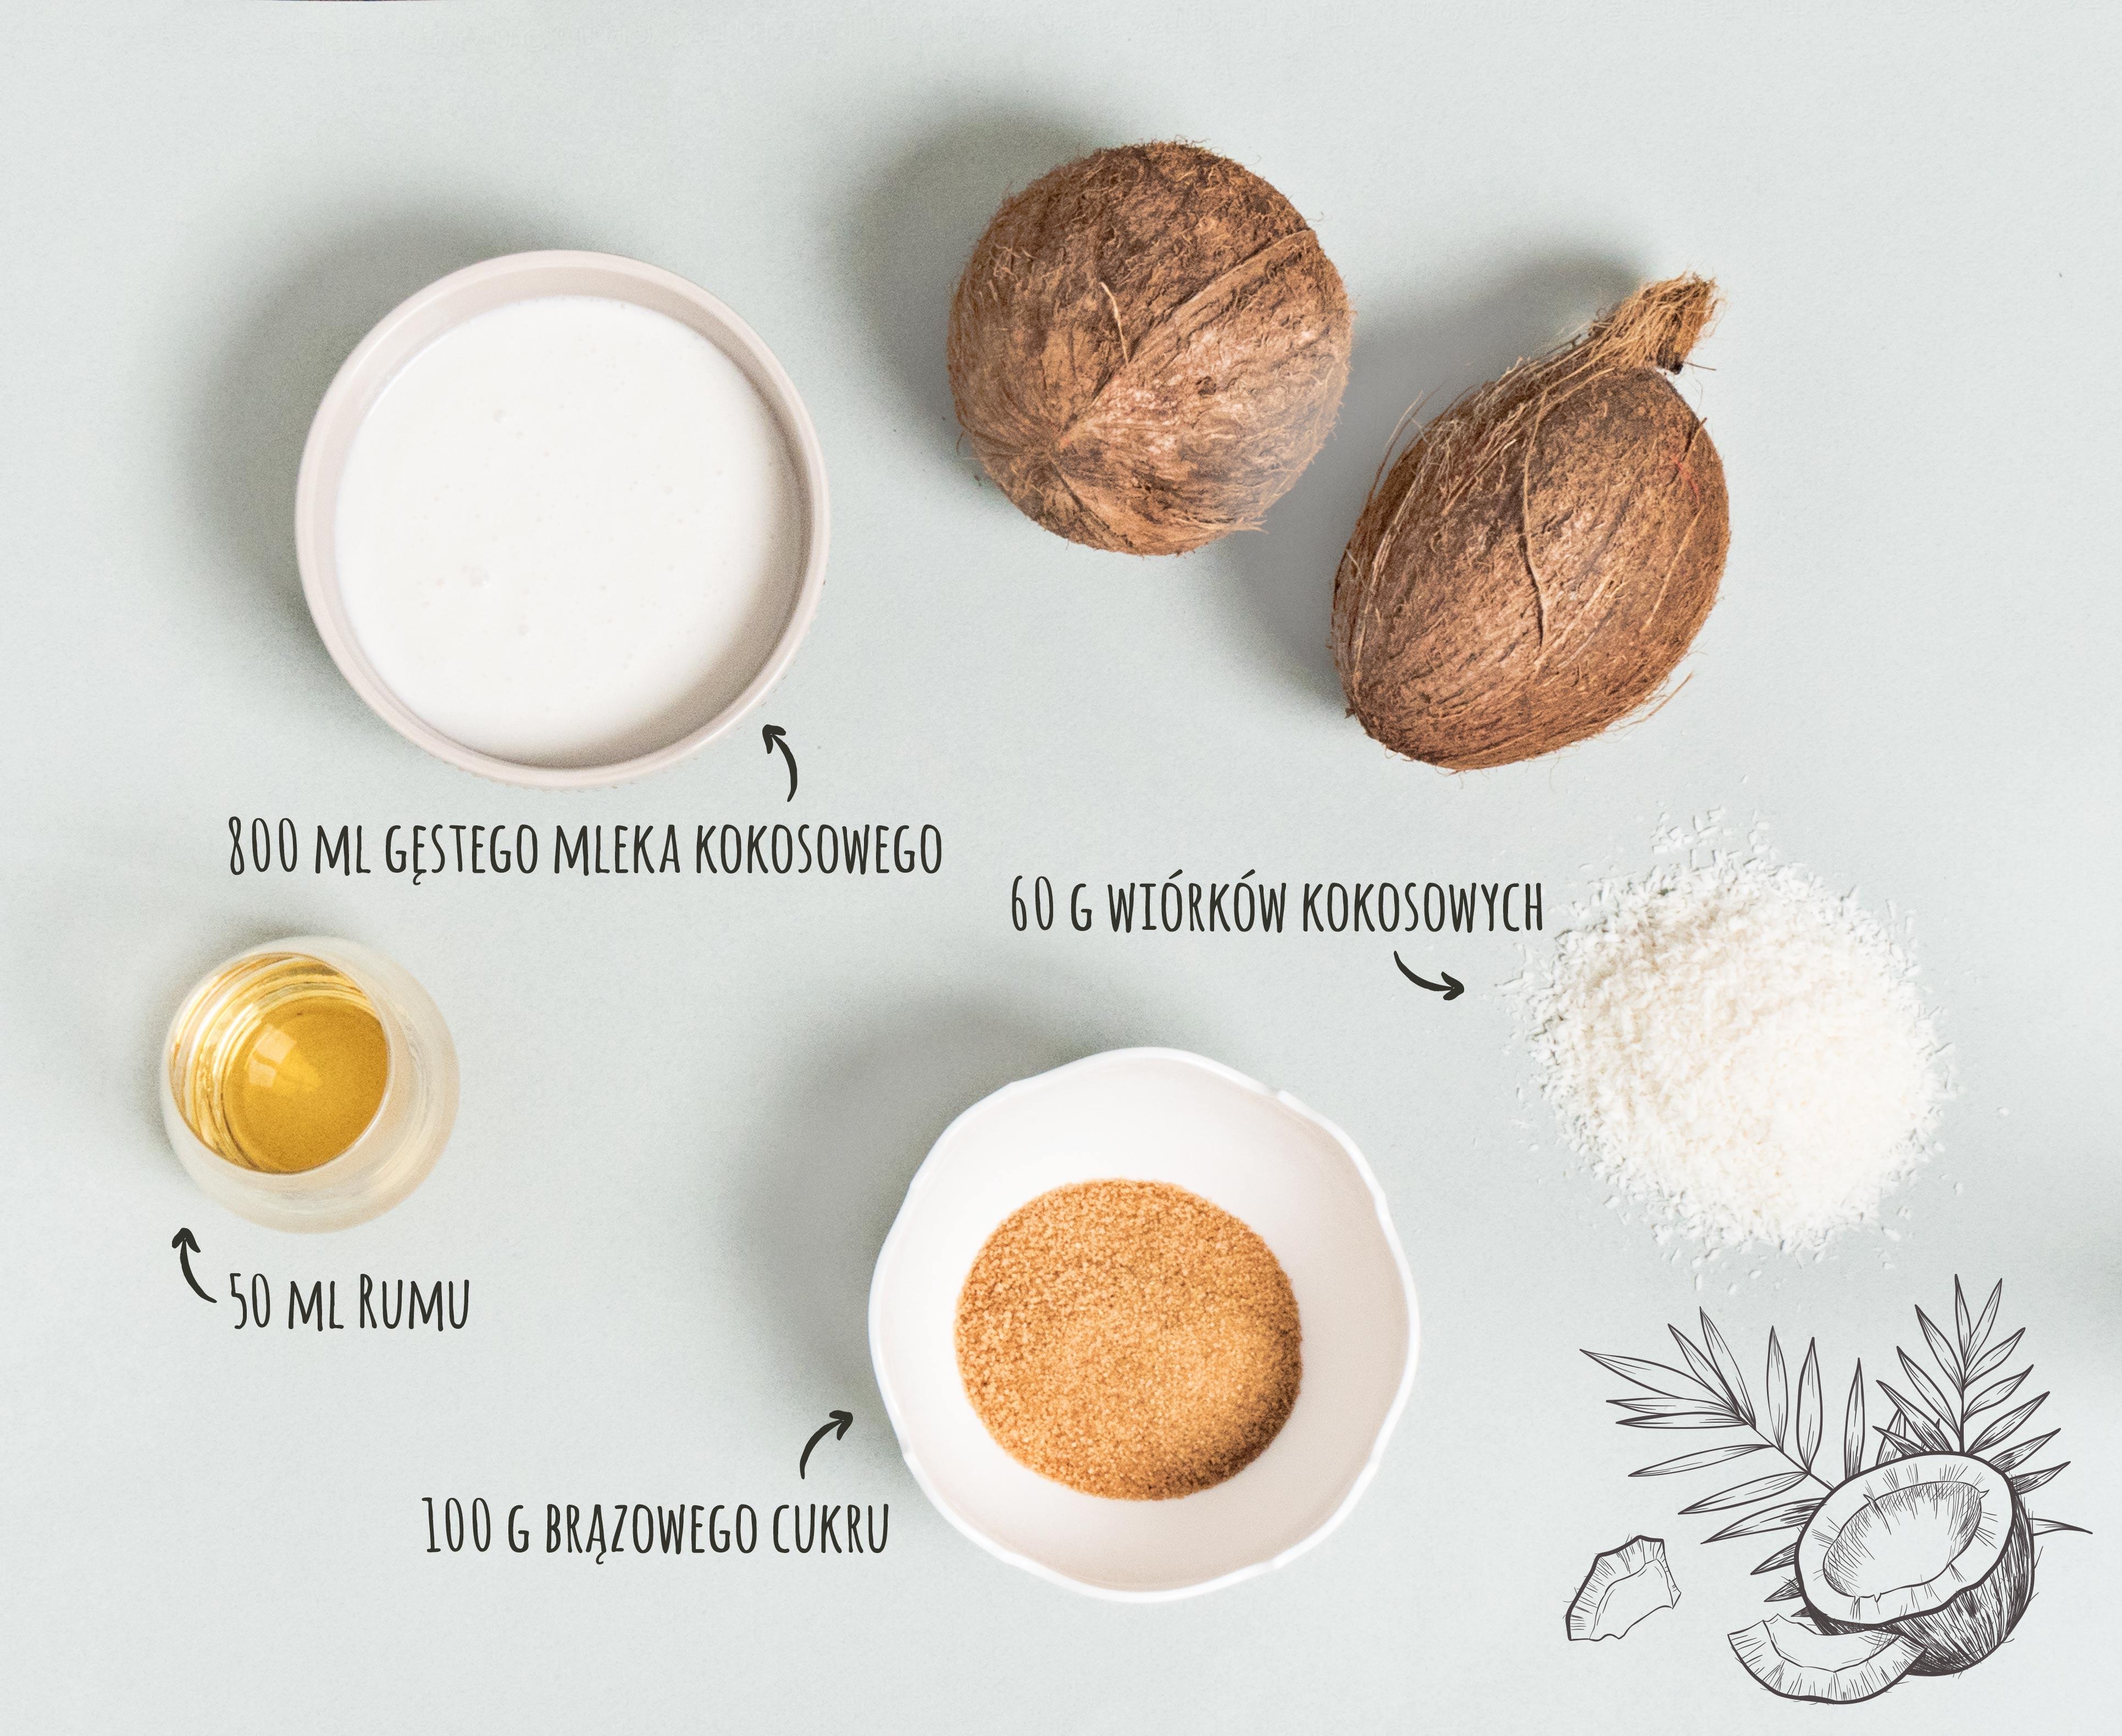 Przepis na lody kokosowo-rumowe